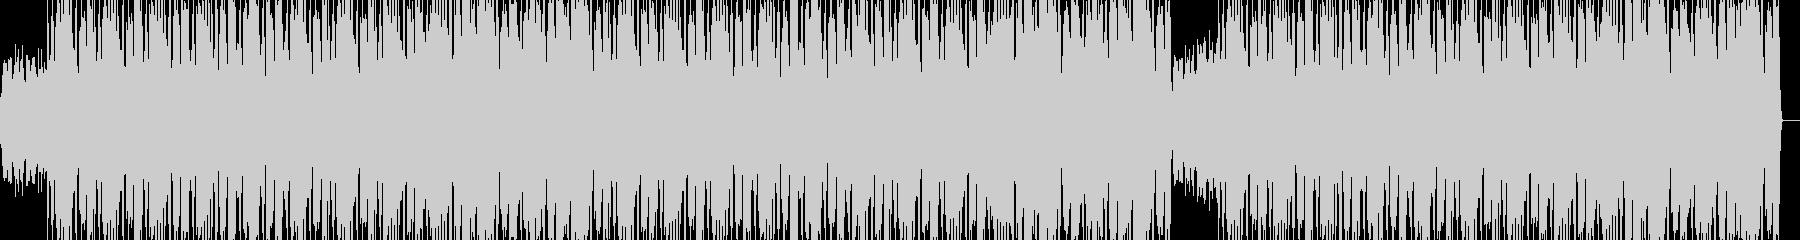 ソウルフルなヒップホップの未再生の波形